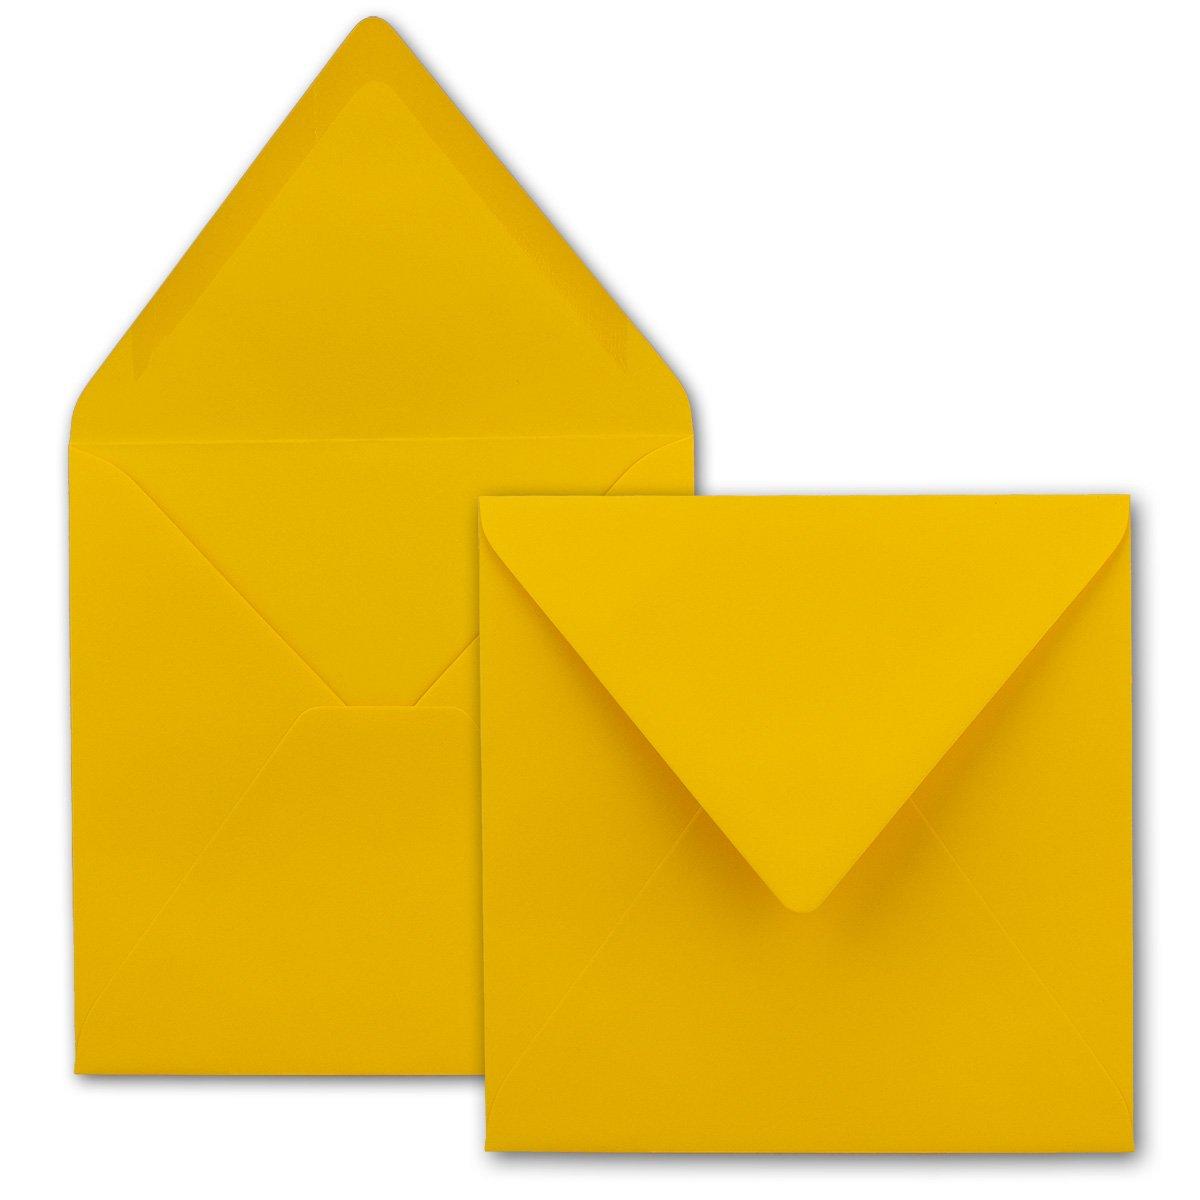 Buste quadrate, Giallo/Miele, pesante qualità–molto resistente–110G/M², 158X 158mm, nassklebung, pizzo Patta//AUS der Serie colore froh von neuser. 50 Umschläge giallo miele